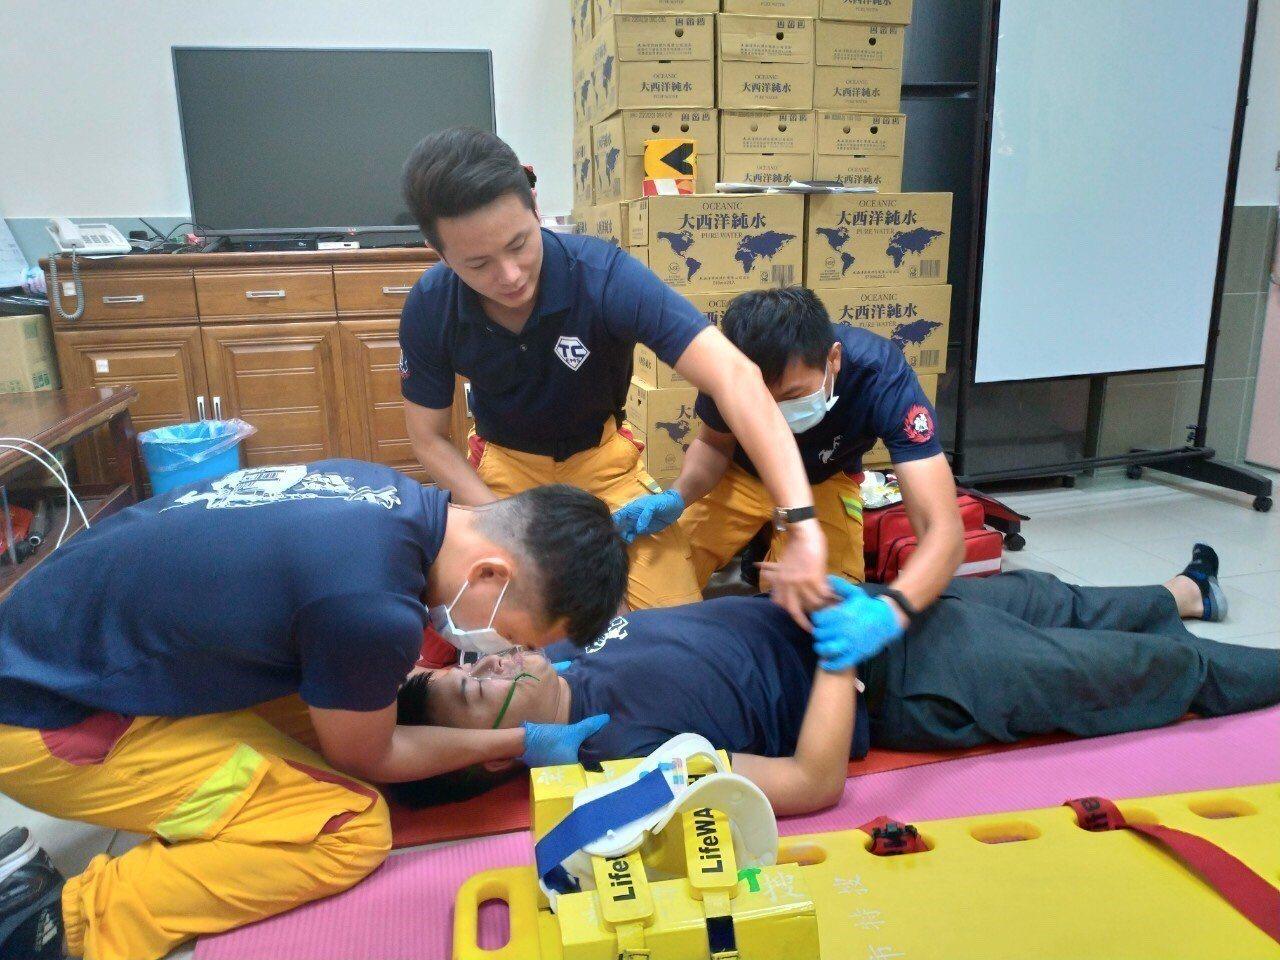 嘉義市消防局東區分隊即日起分隊5位高級救護技術員每日輪值分隊緊急救護教官,遇到O...